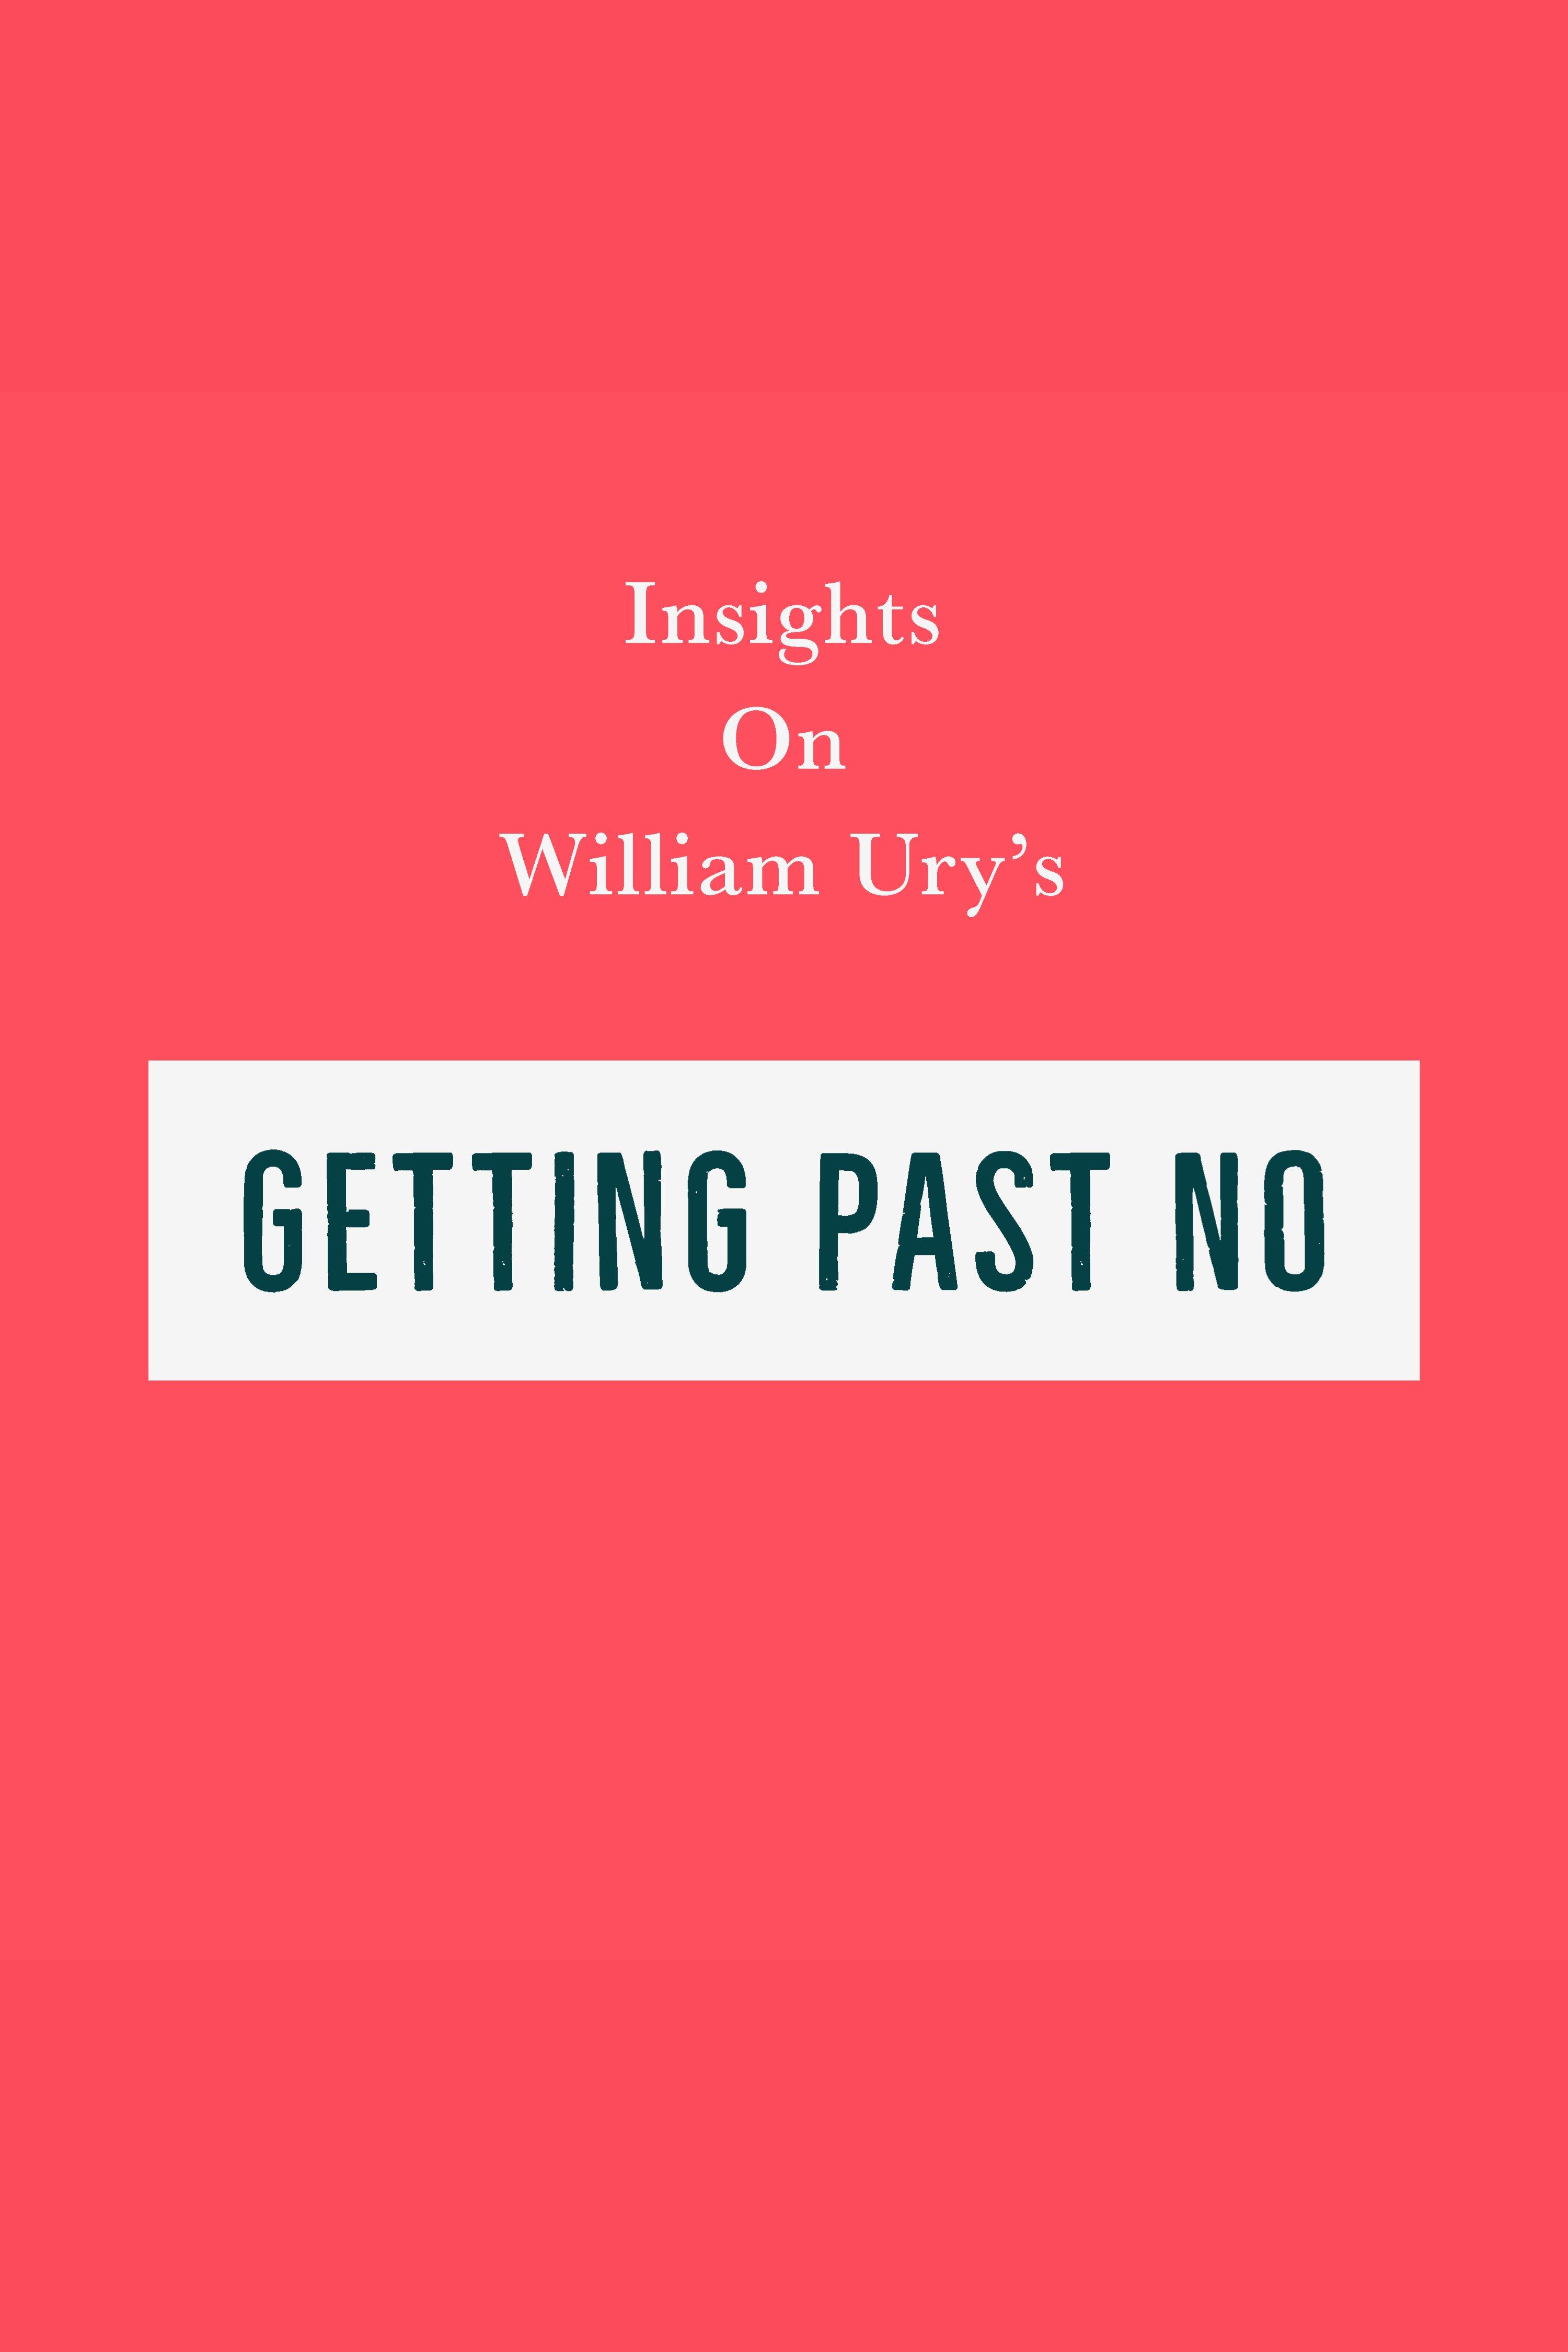 Esta es la portada del audiolibro Insights on William Ury's Getting Past No